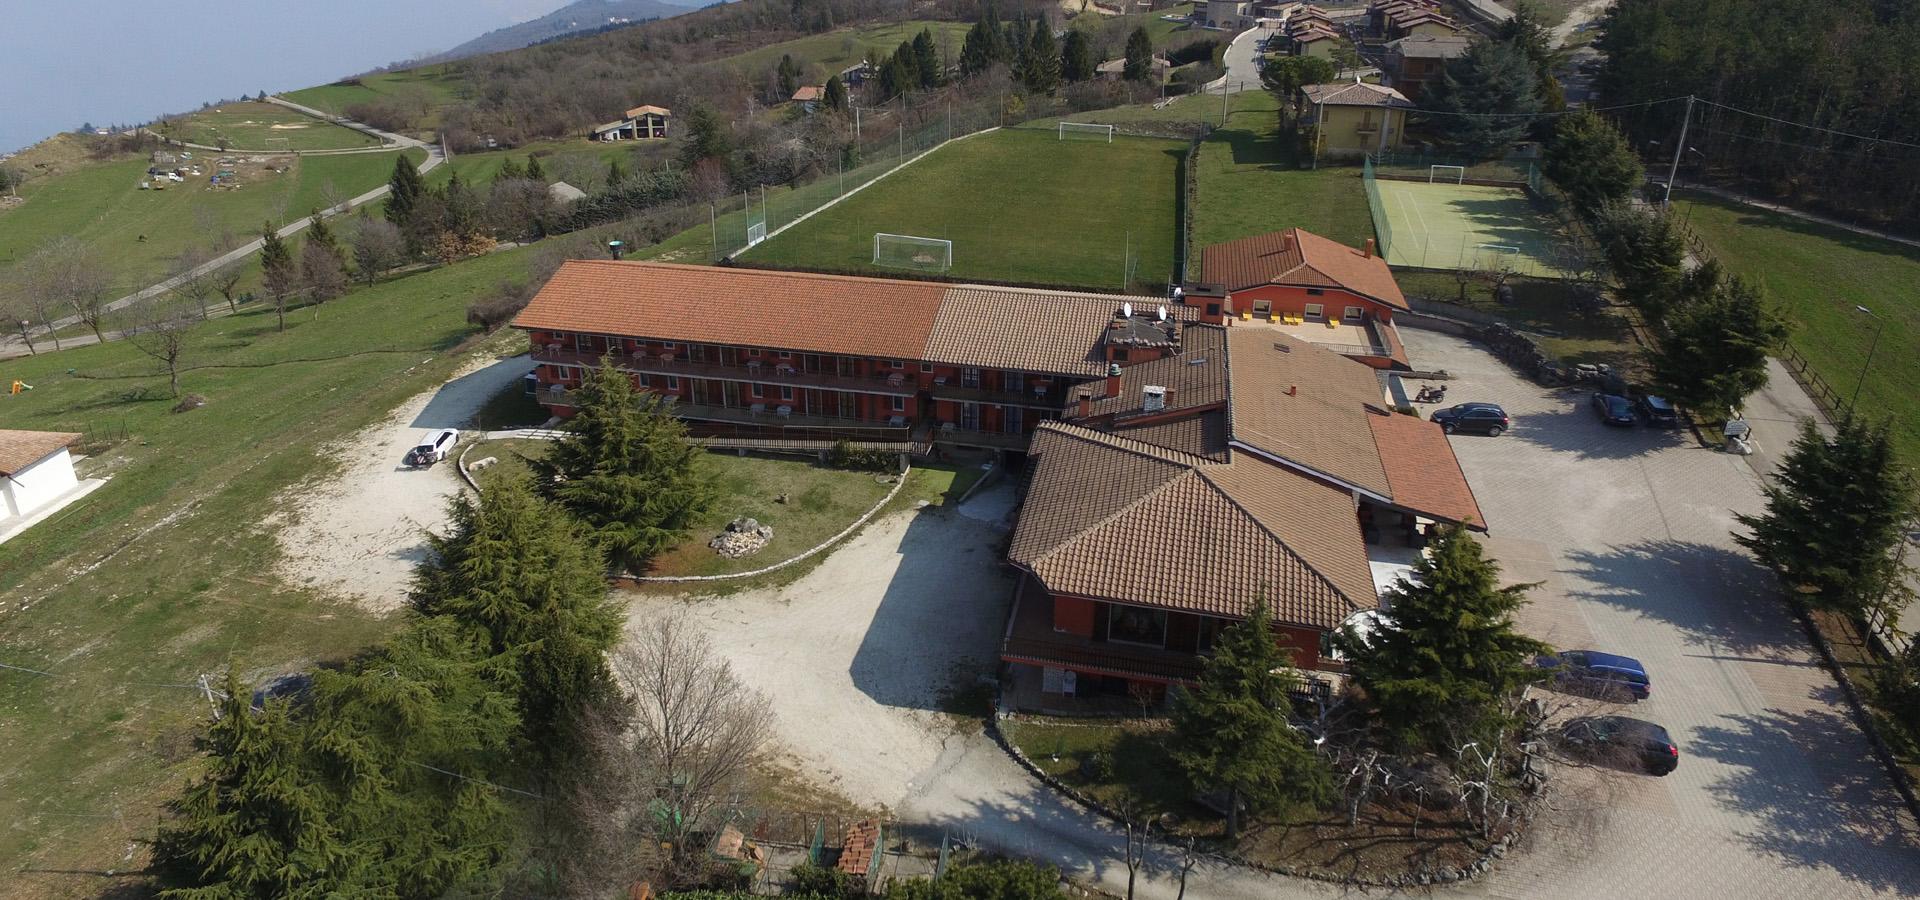 Hotel*** sul lago di Garda rif 020